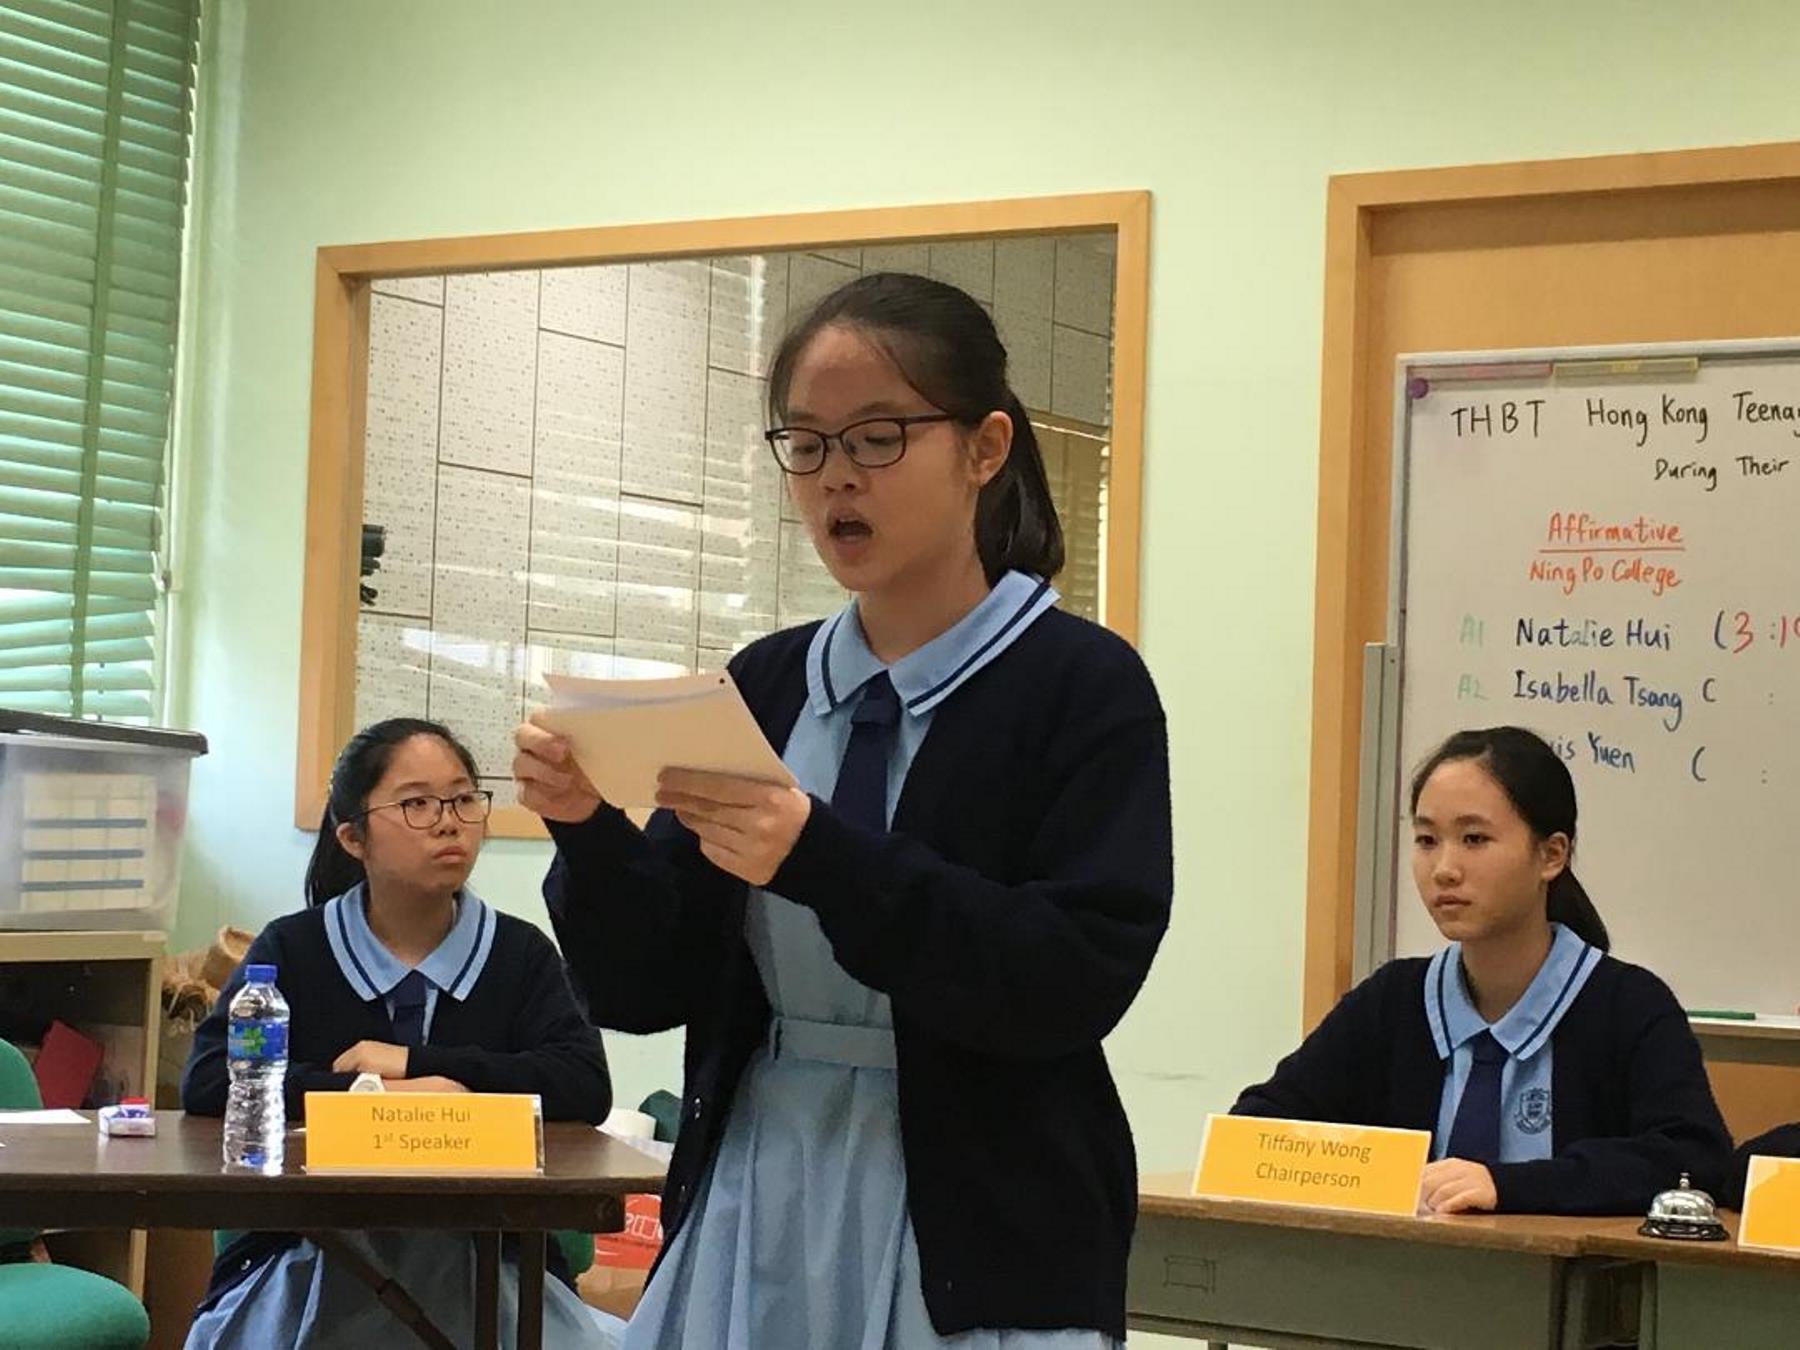 http://npc.edu.hk/sites/default/files/thumbnail_16.jpg